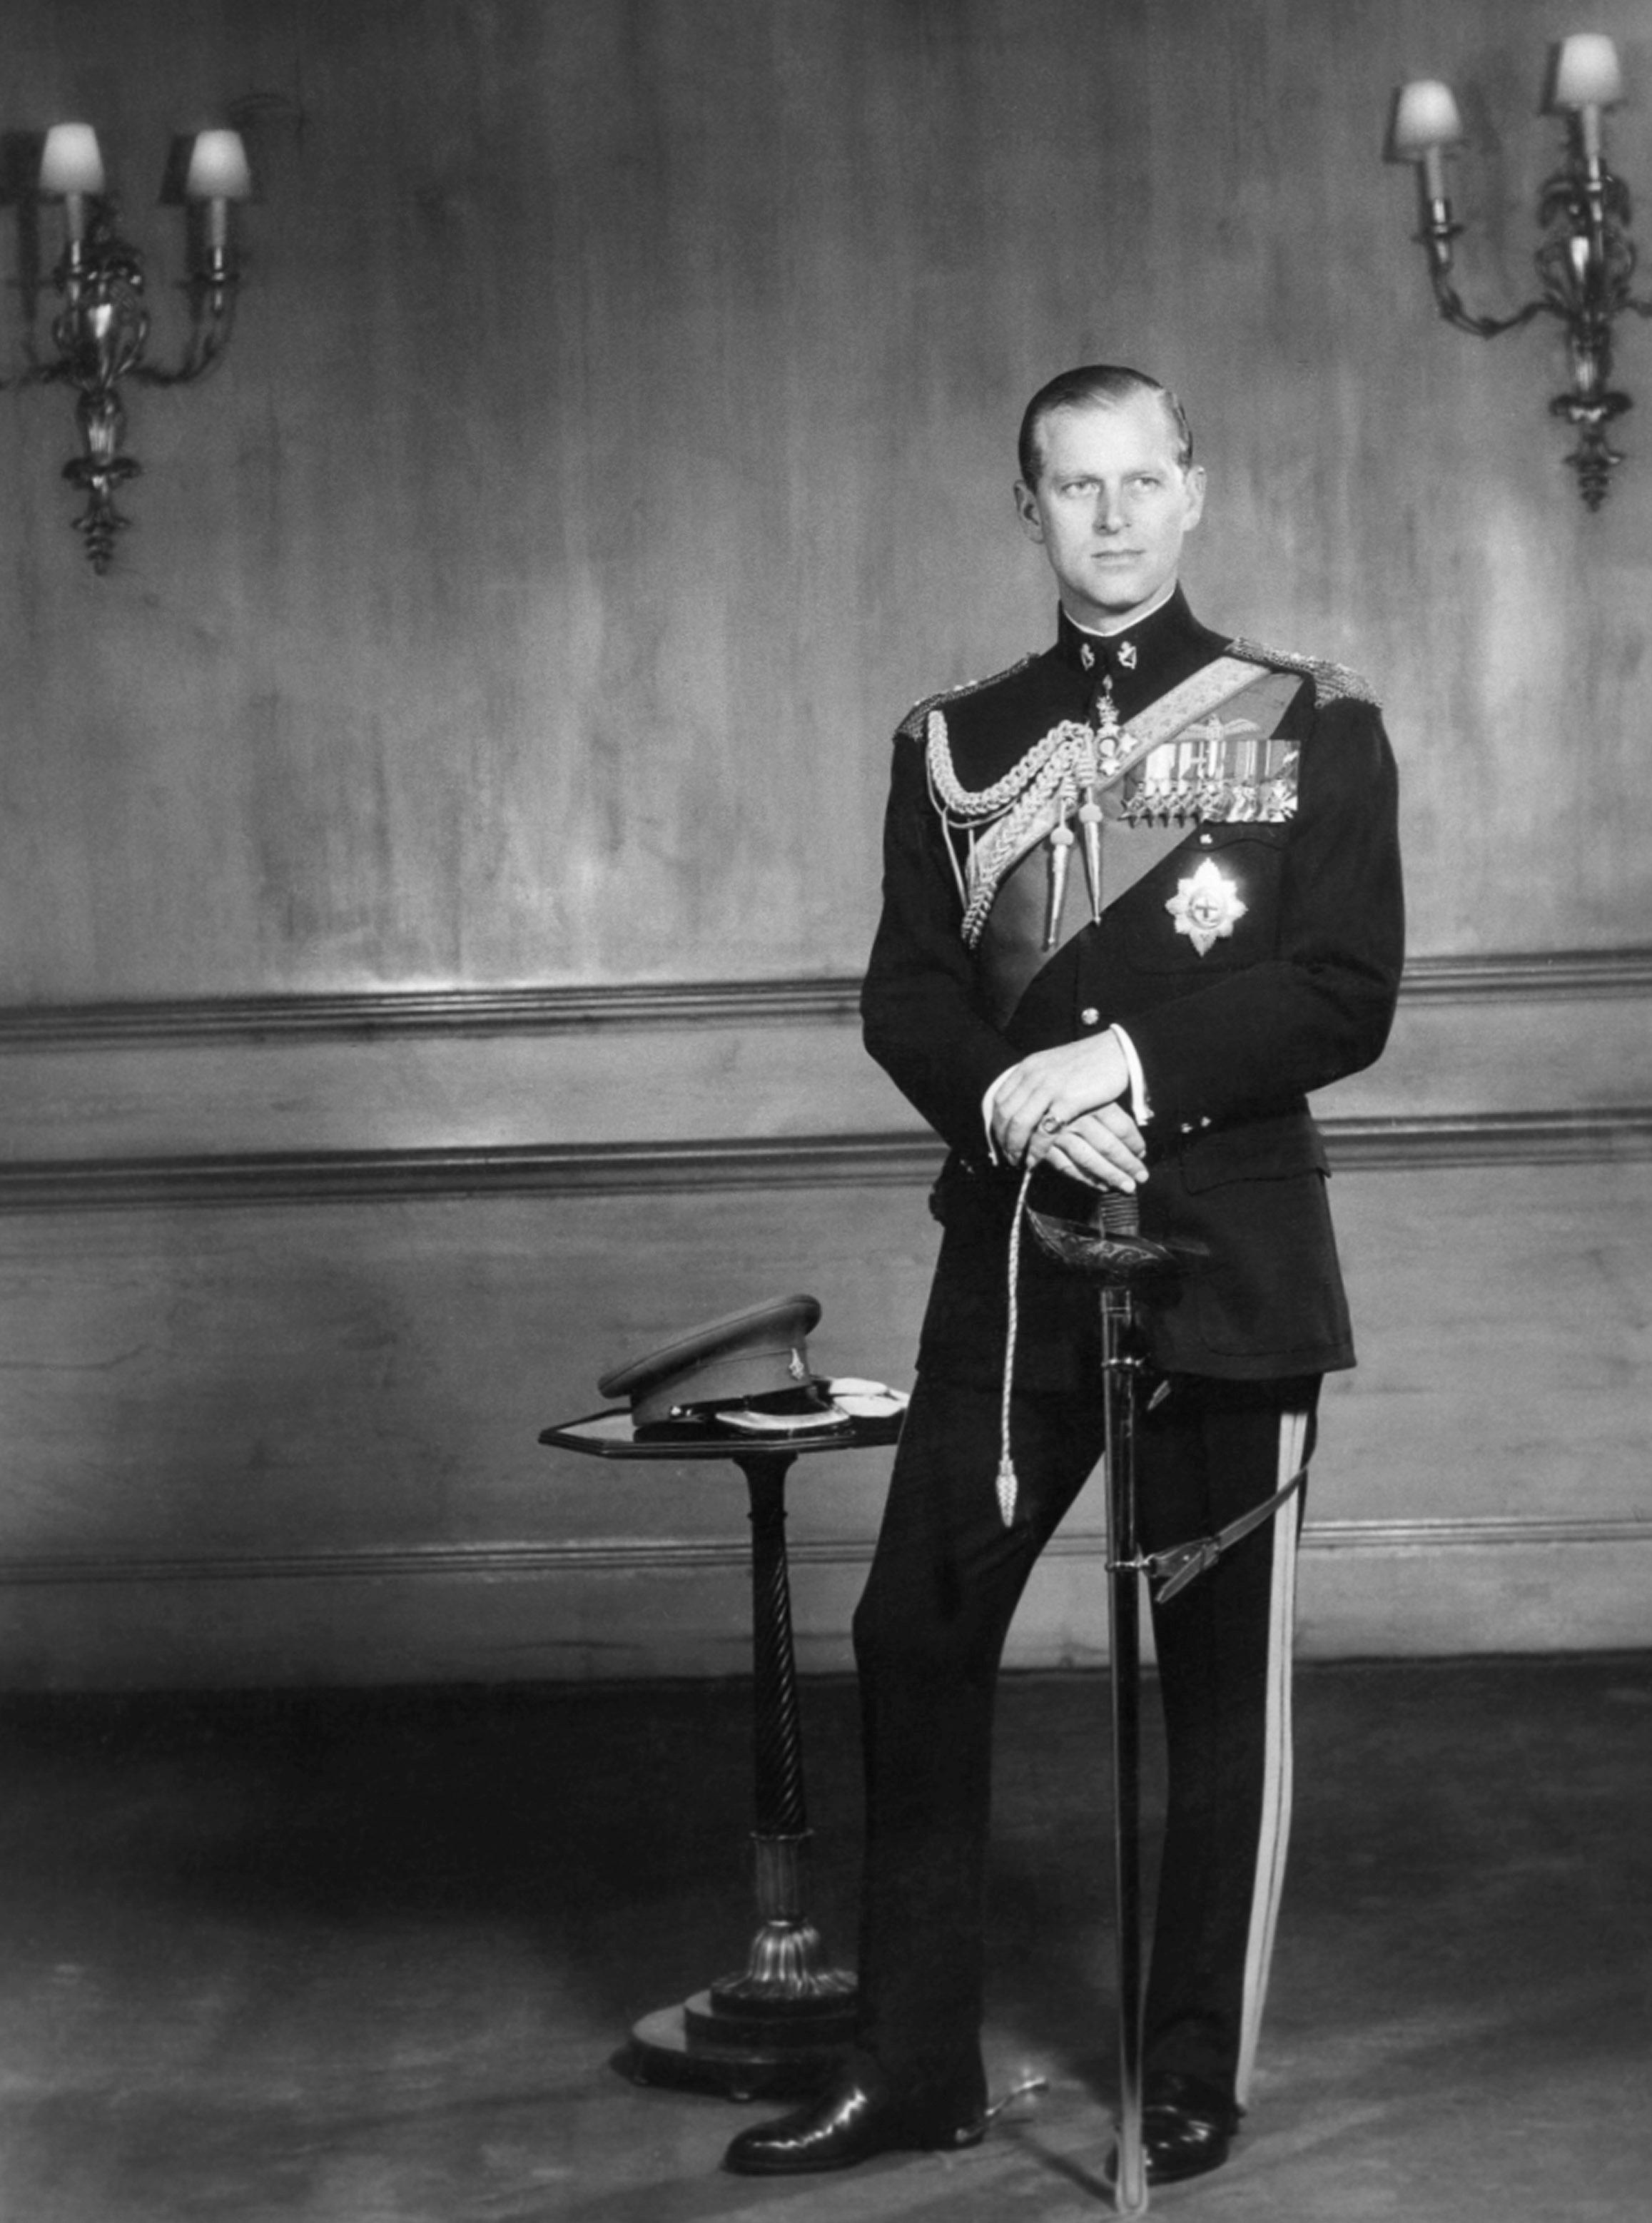 Luego de prestar servicio en la Marina Real a lo largo de la Segunda Guerra Mundial, Philip ascendió al rango de comandante, pero su carrera terminó cuando su esposa pasó a ser la reina Elizabeth II tras la muerte de su padre, el rey George VI, en 1952. (AP)